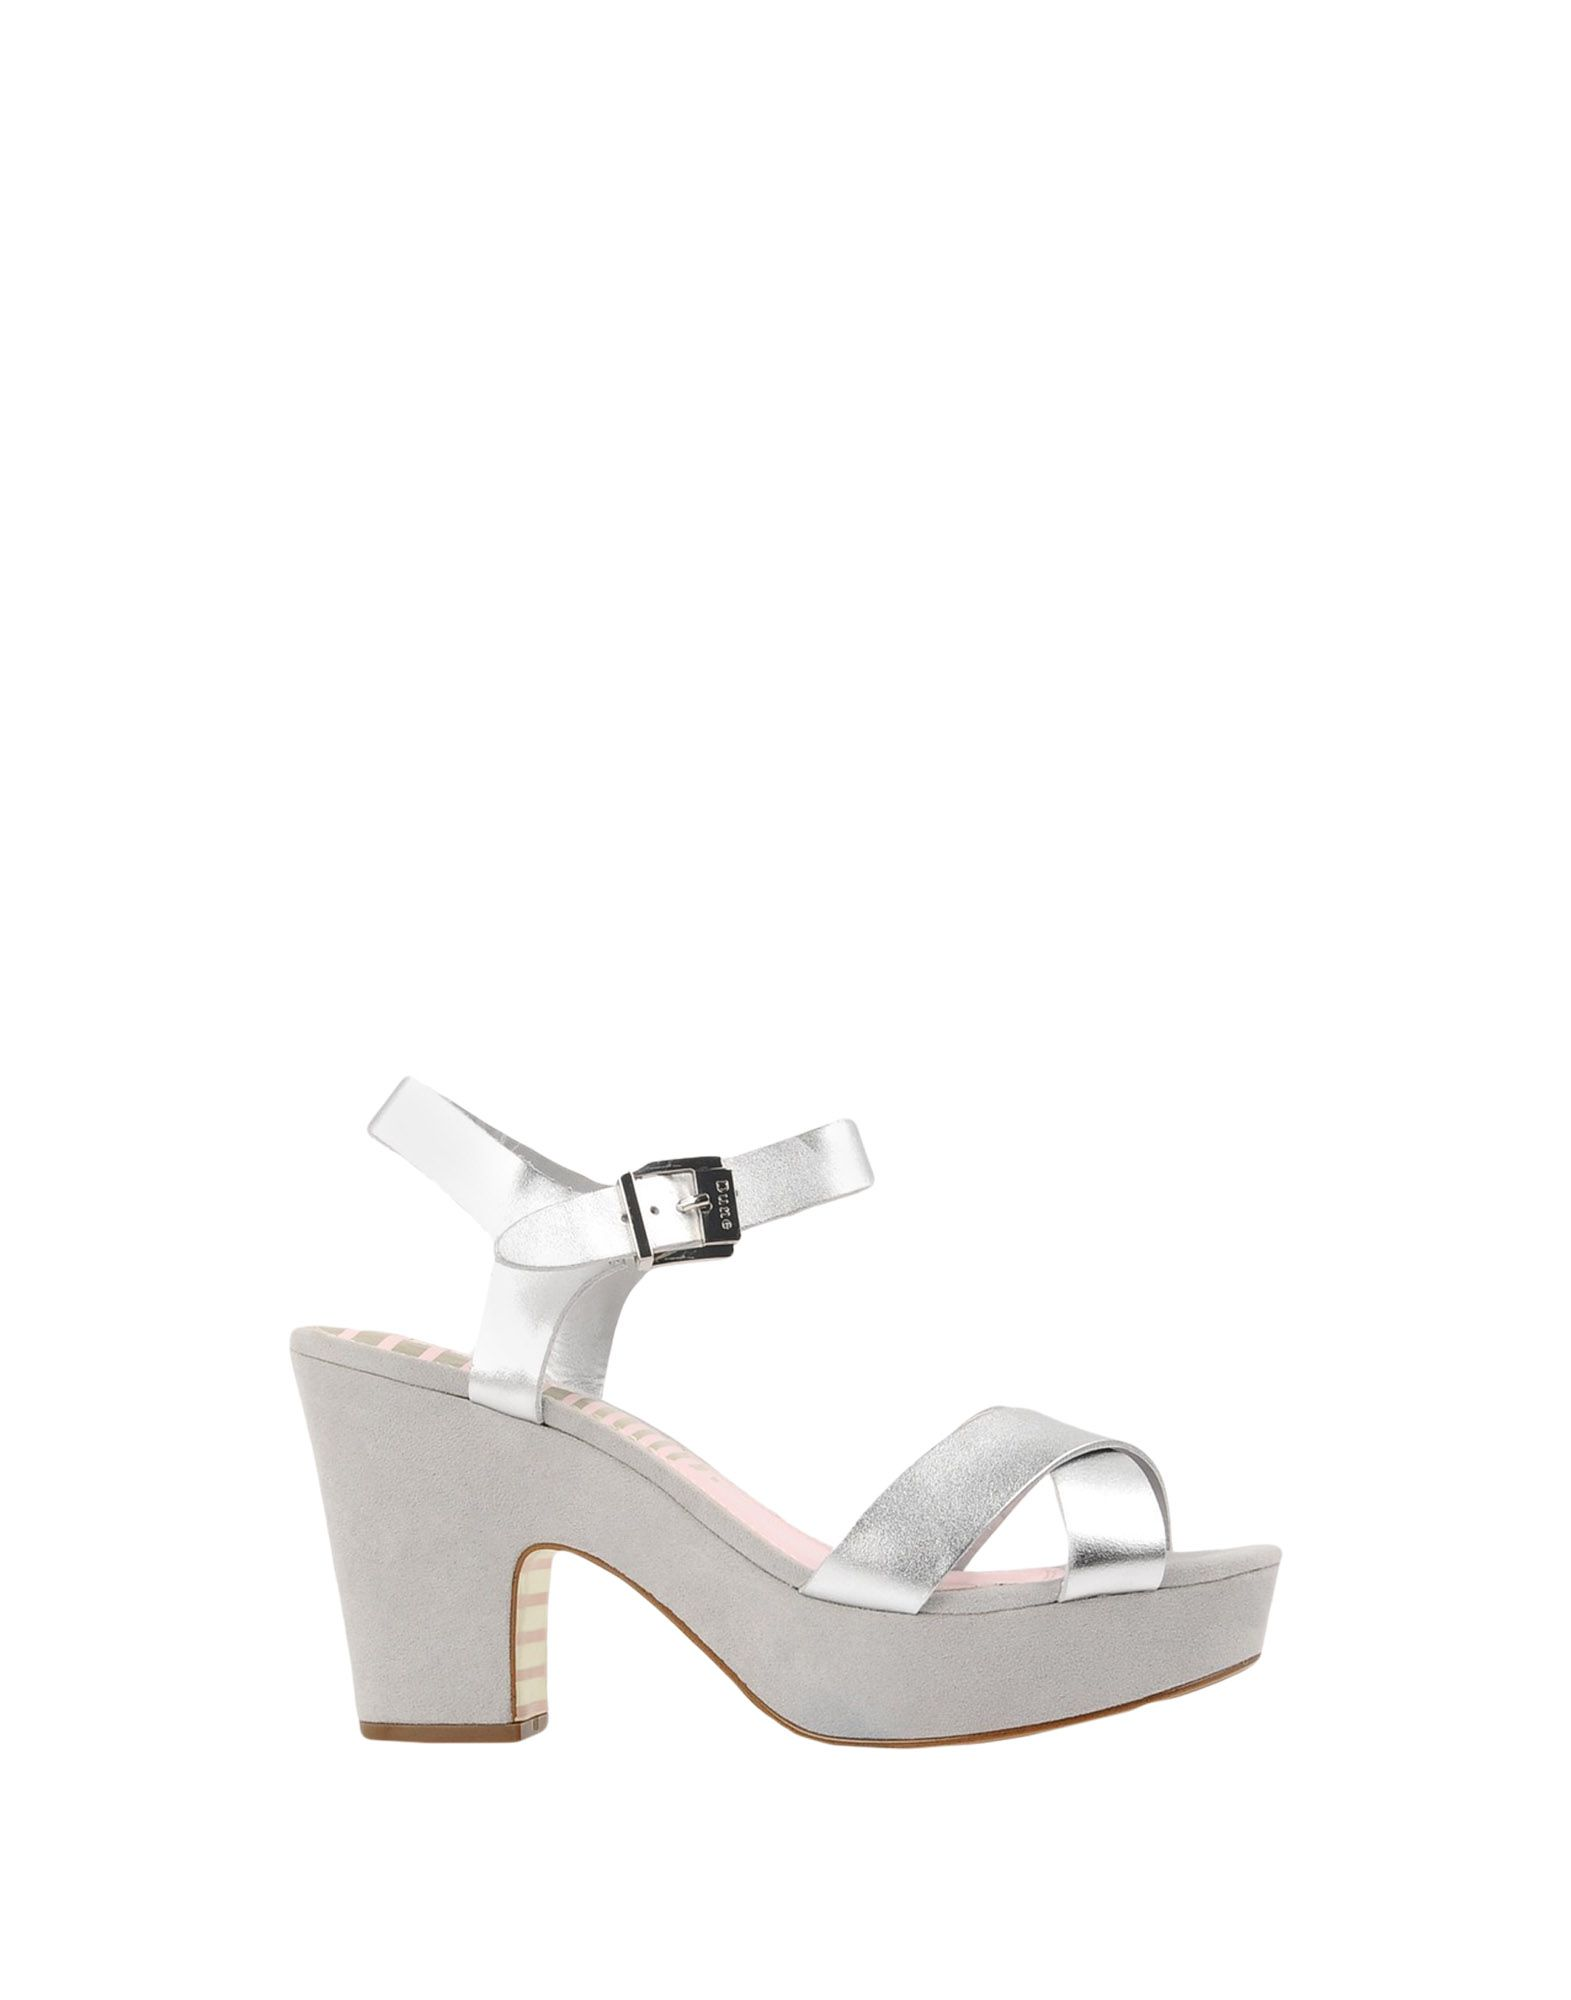 Dune London Cross Strap Buckle Sa  11441924MT beliebte Gute Qualität beliebte 11441924MT Schuhe 9836e2